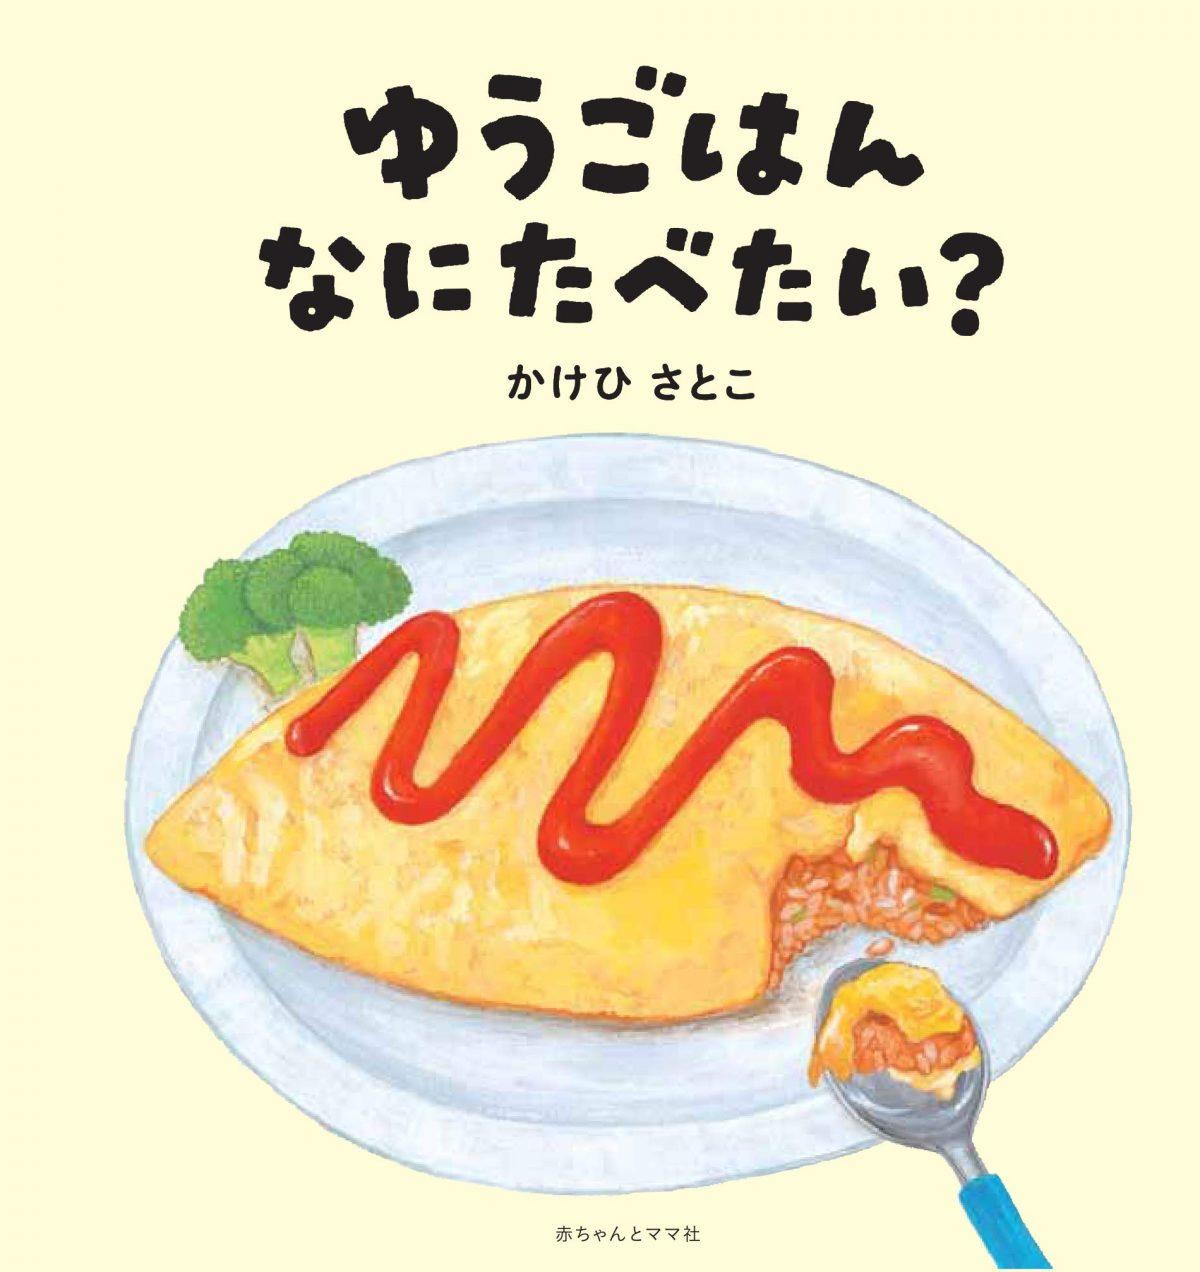 絵本「ゆうごはん なにたべたい?」の表紙